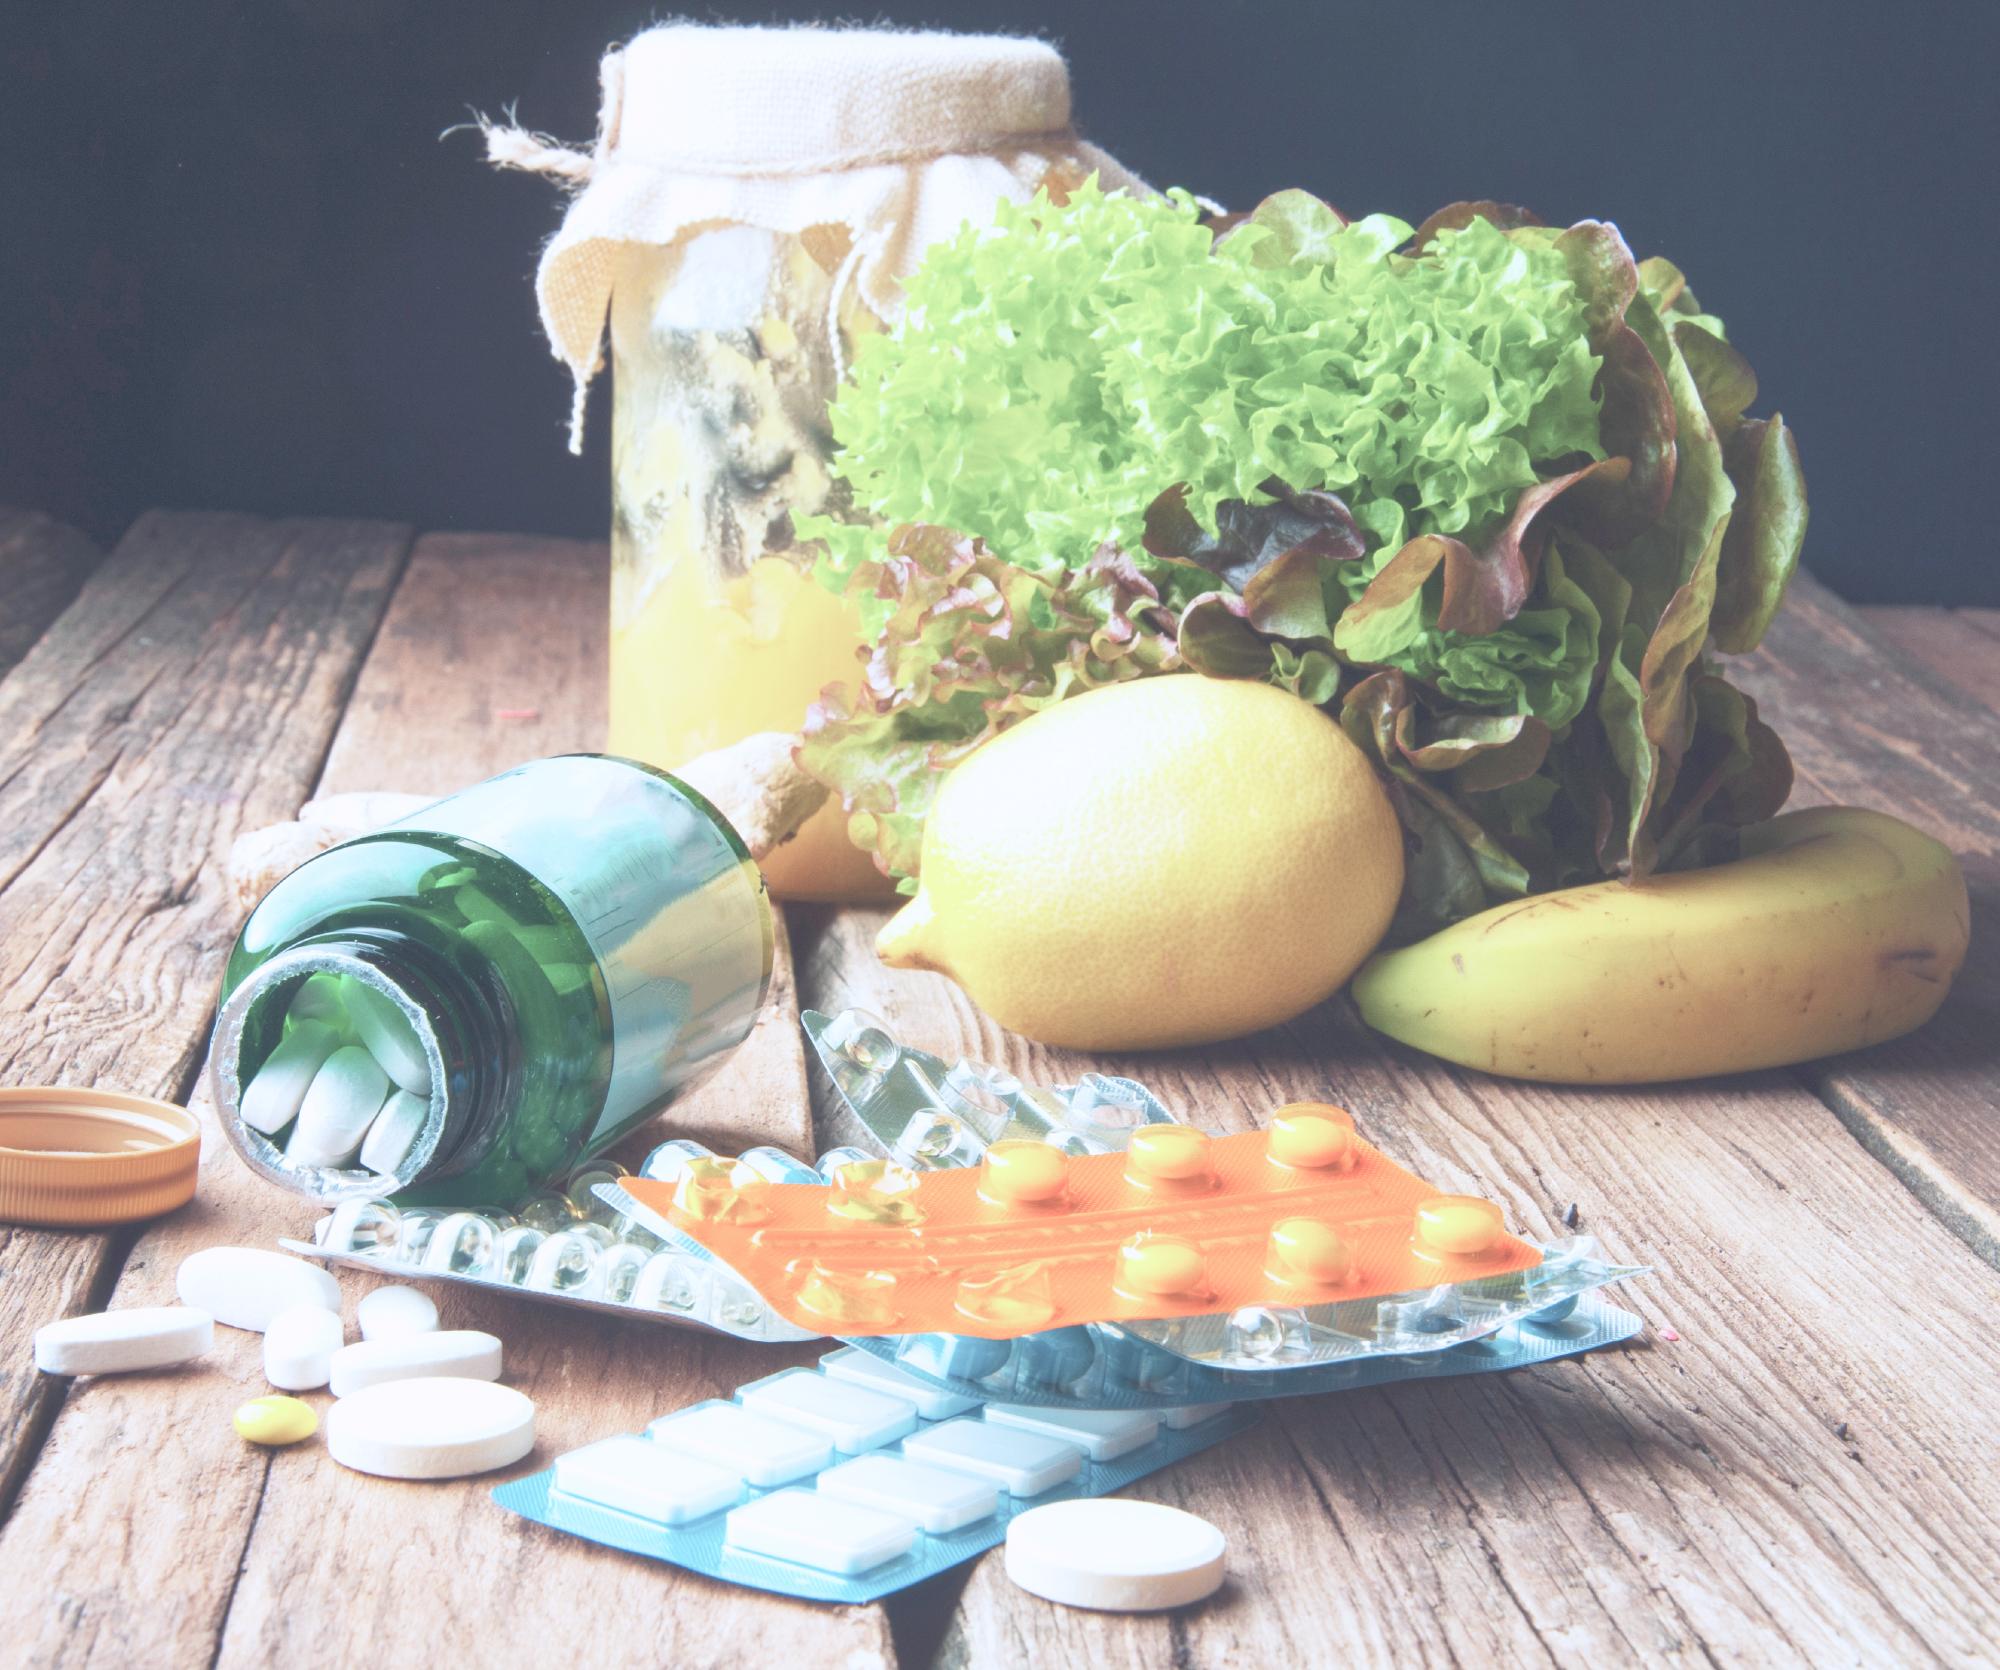 在木桌上有檸檬和香蕉還有綠色植物跟藥片,玻璃罐裝灑落一些錠劑。